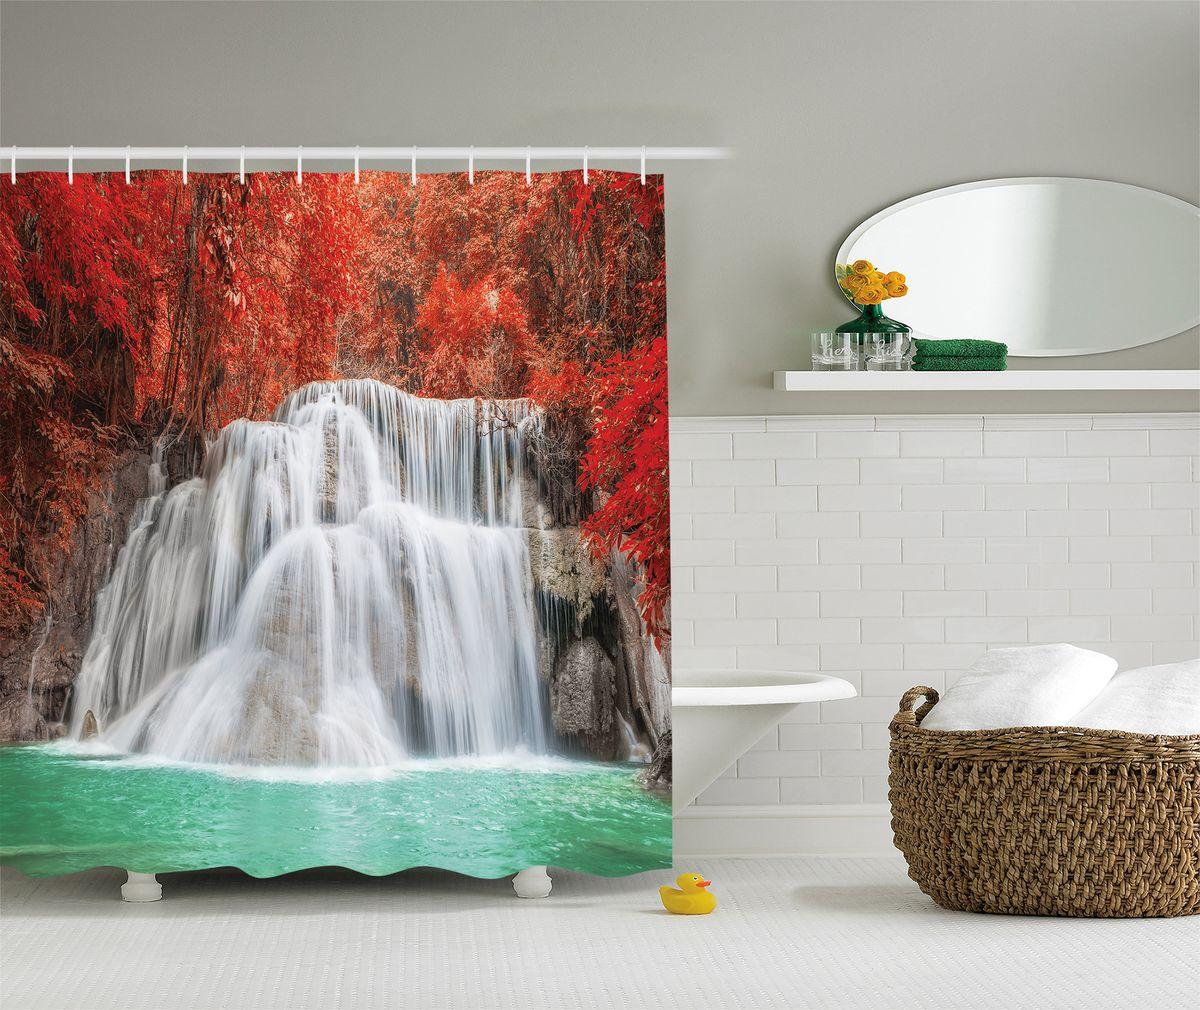 Штора для ванной комнаты Magic Lady Водопад в красном лесу, 180 х 200 смшв_8252Штора Magic Lady Водопад в красном лесу, изготовленная из высококачественного сатена (полиэстер 100%), отлично дополнит любой интерьер ванной комнаты. При изготовлении используются специальные гипоаллергенные чернила для прямой печати по ткани, безопасные для человека. В комплекте: 1 штора, 12 крючков. Обращаем ваше внимание, фактический цвет изделия может незначительно отличаться от представленного на фото.